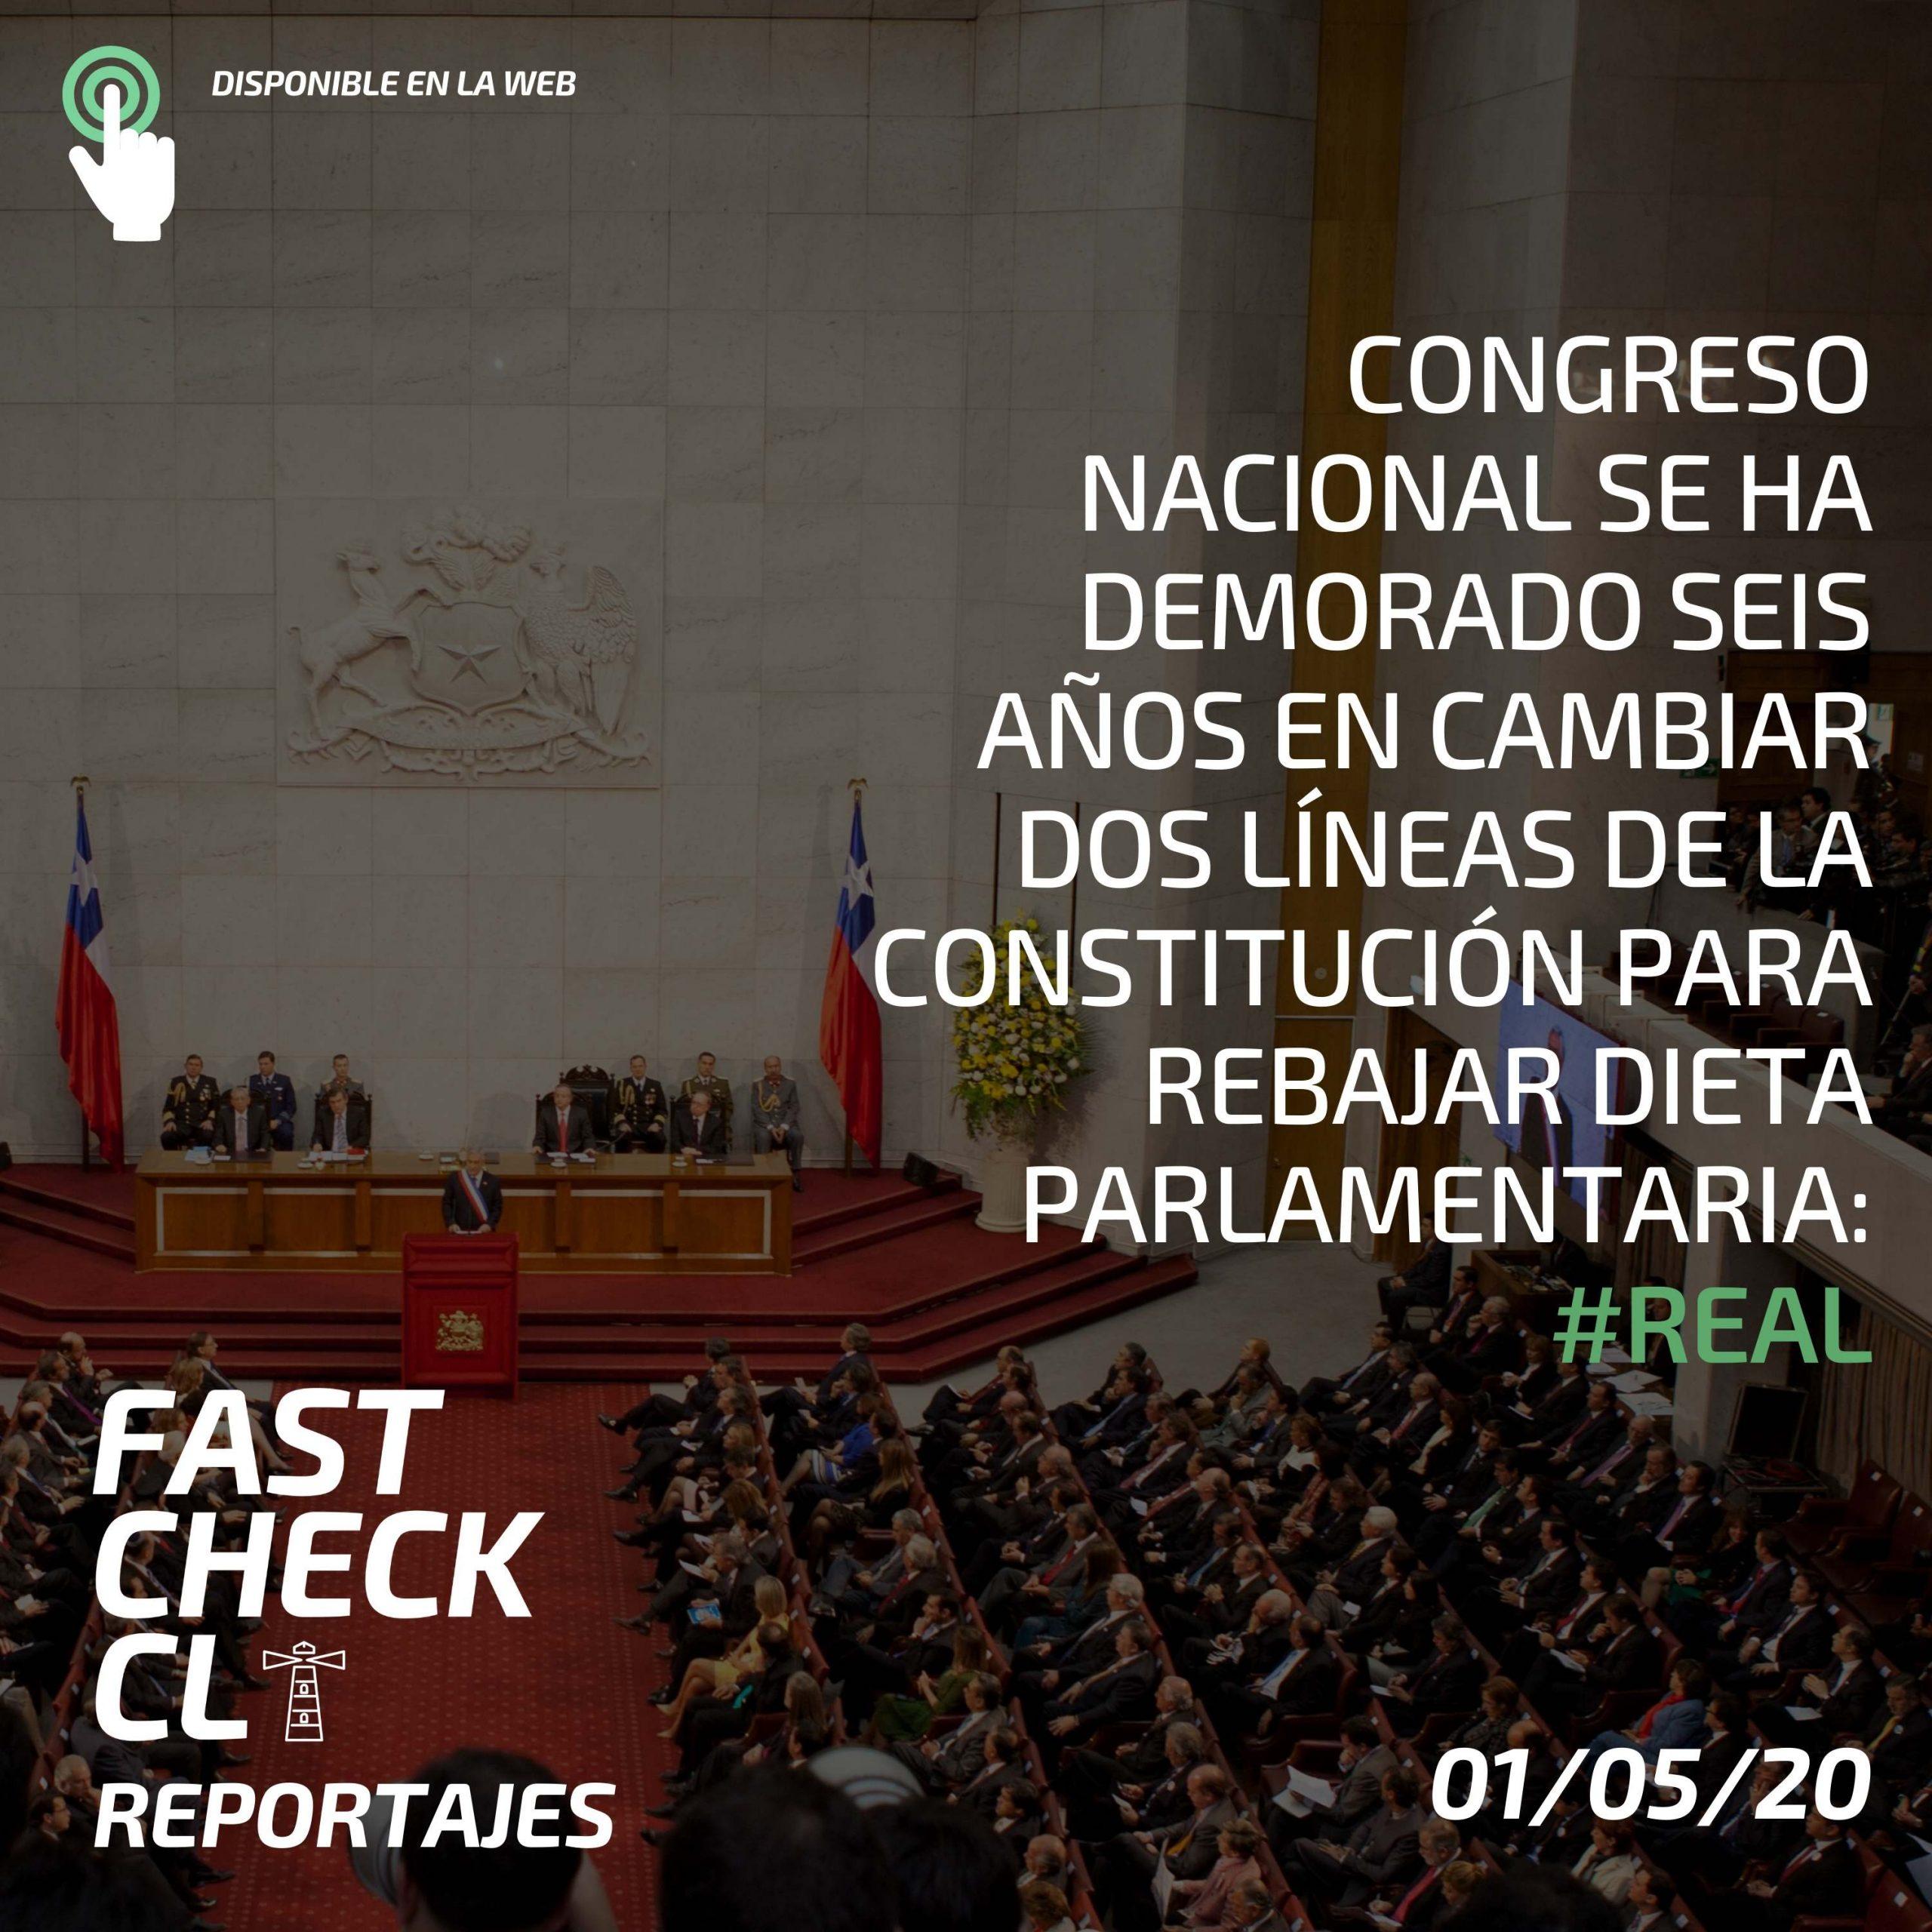 Read more about the article Congreso Nacional se ha demorado seis años en cambiar dos líneas de la Constitución para rebajar la dieta parlamentaria: #Real